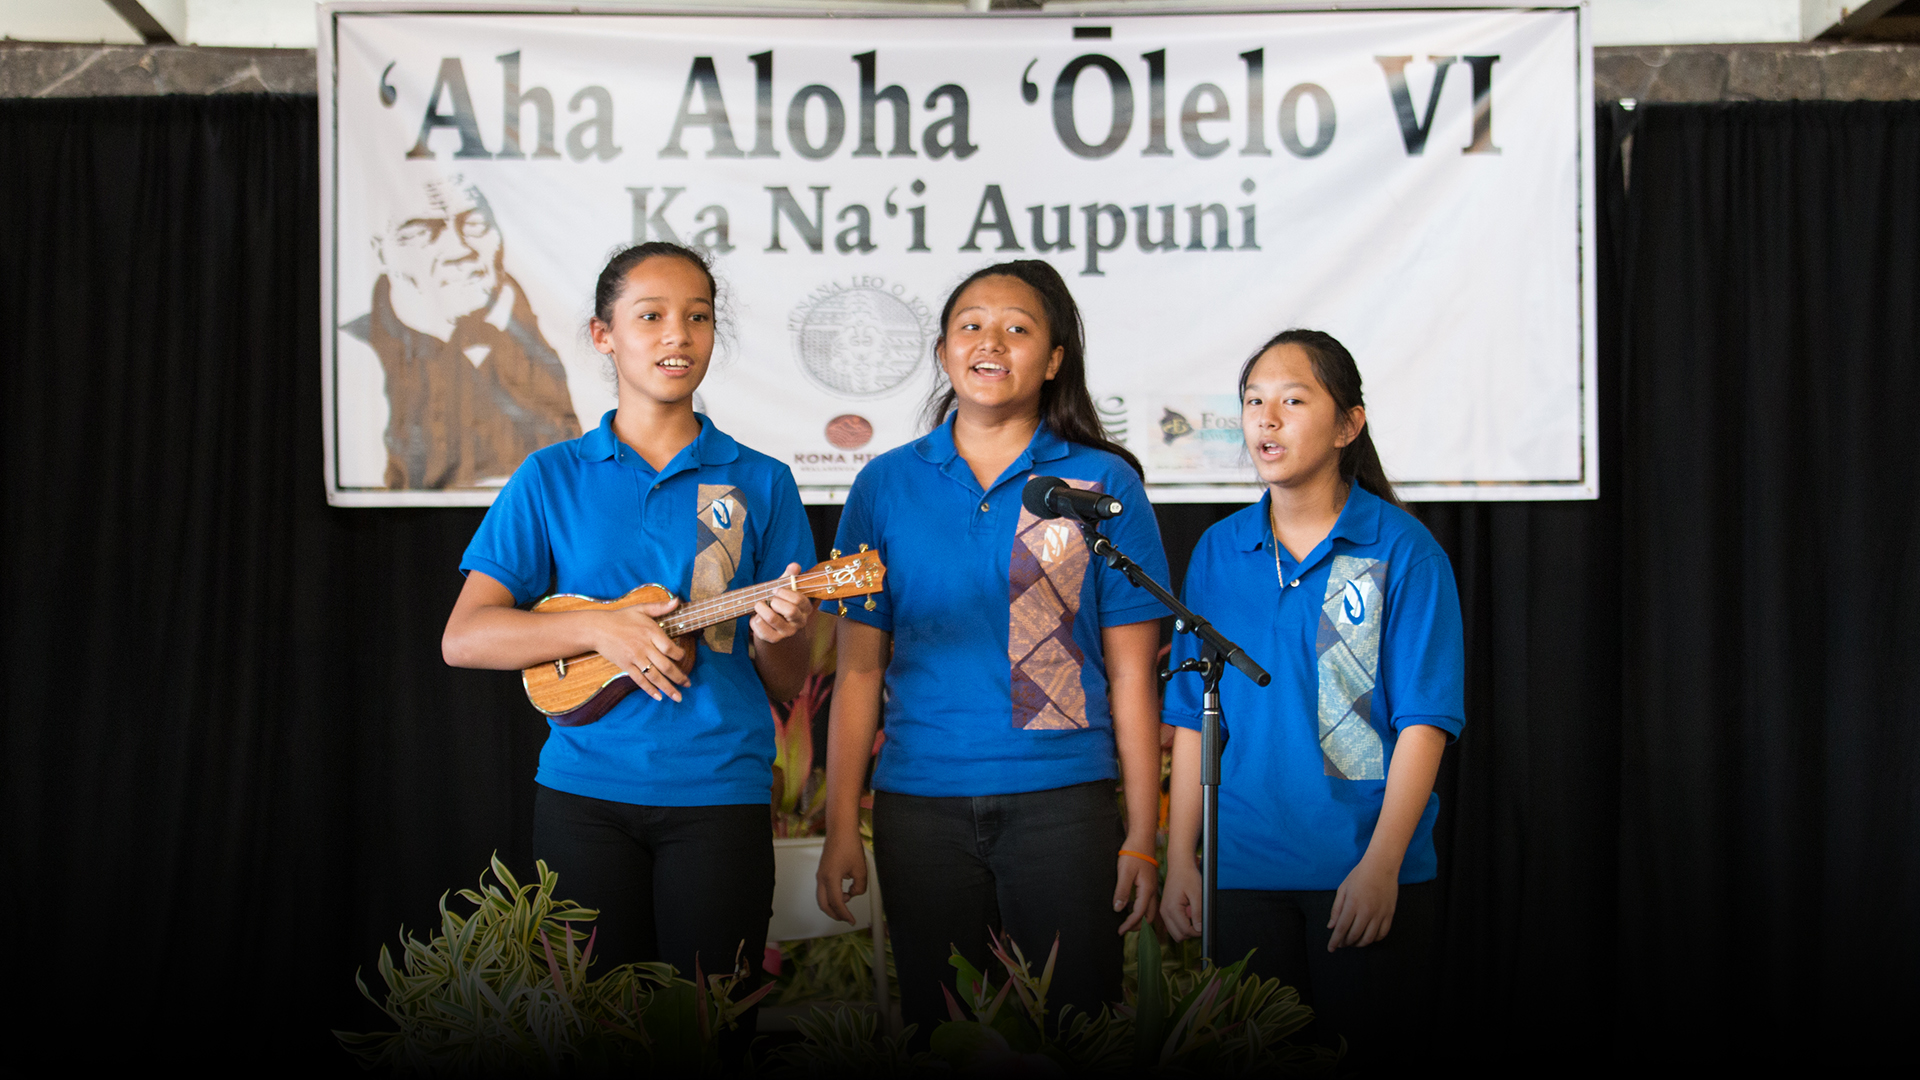 Aha Aloha Olelo_Slide